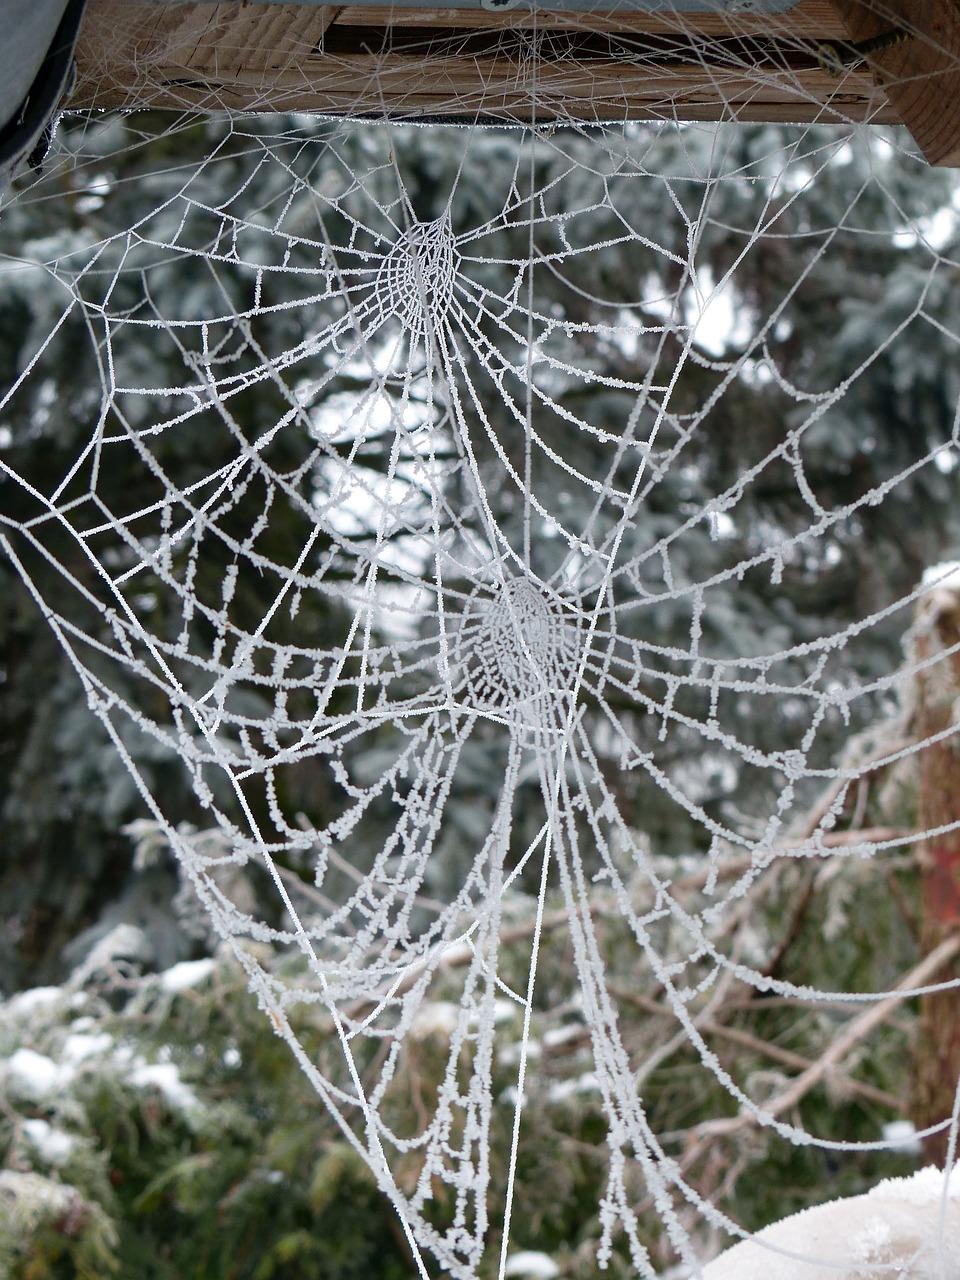 фото зимней паутинки любому представленных ниже